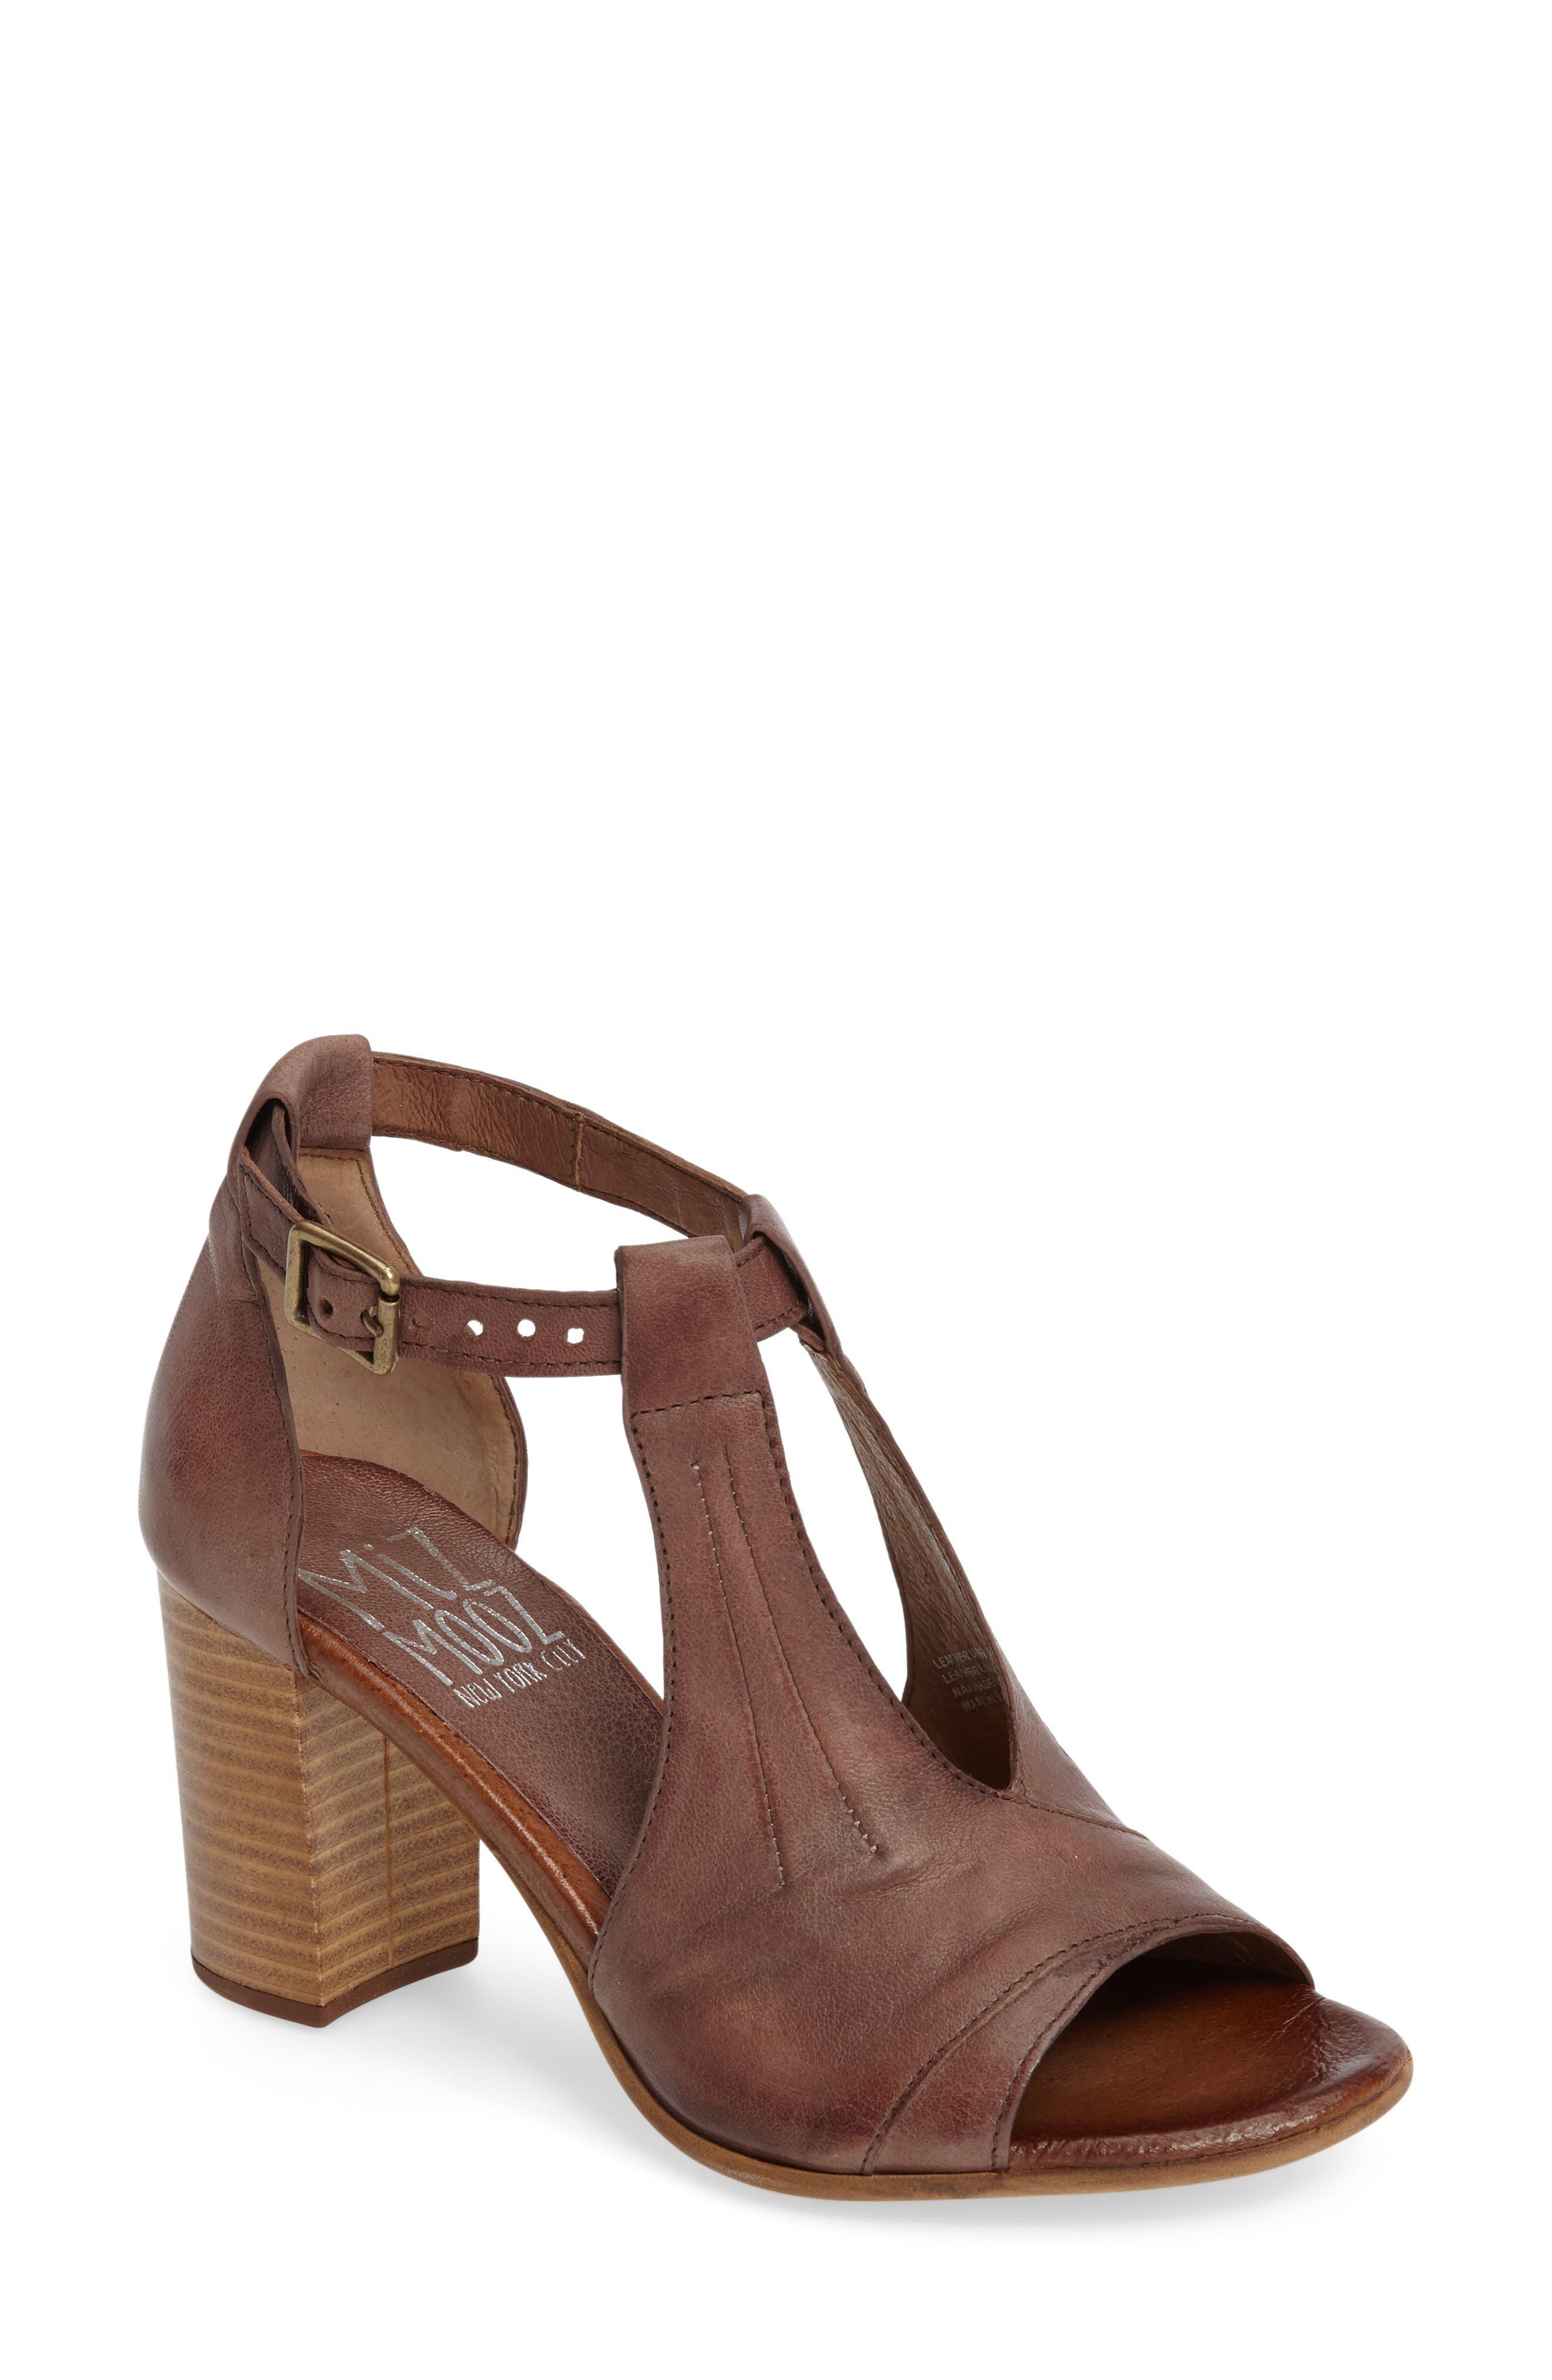 Savannah T-Strap Strap Sandal,                         Main,                         color, Mauve Leather